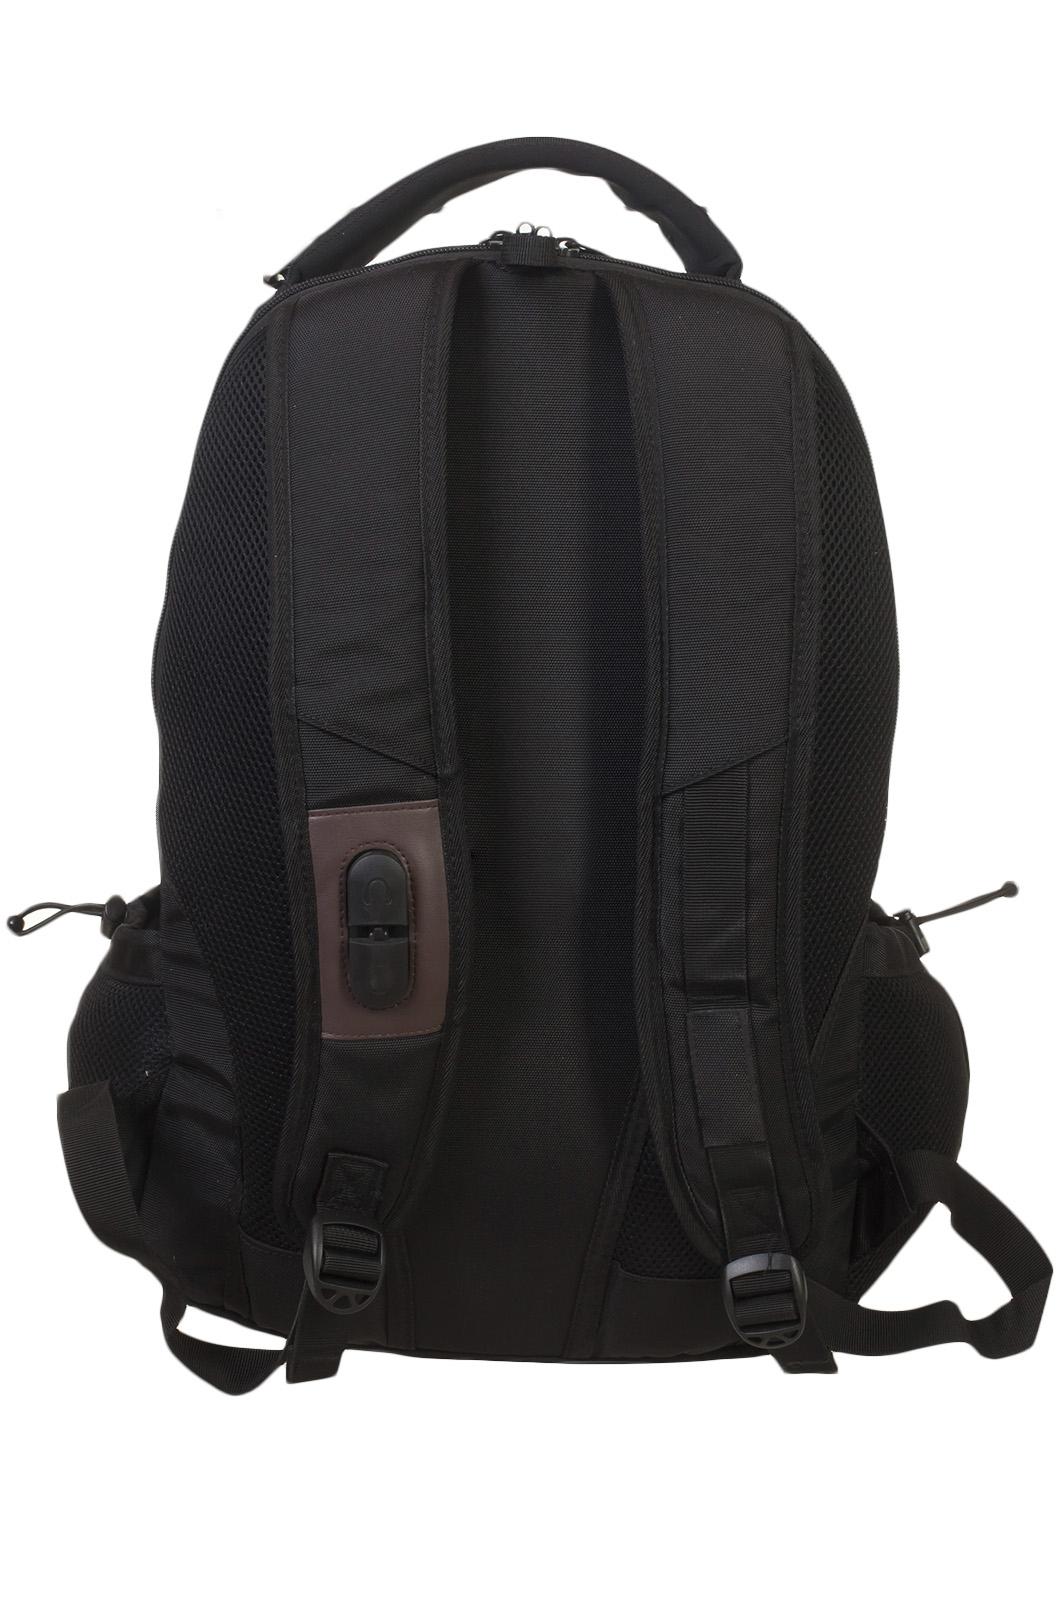 Охотничий крутой рюкзак с нашивкой Ни пуха, ни пера - заказать в розницу